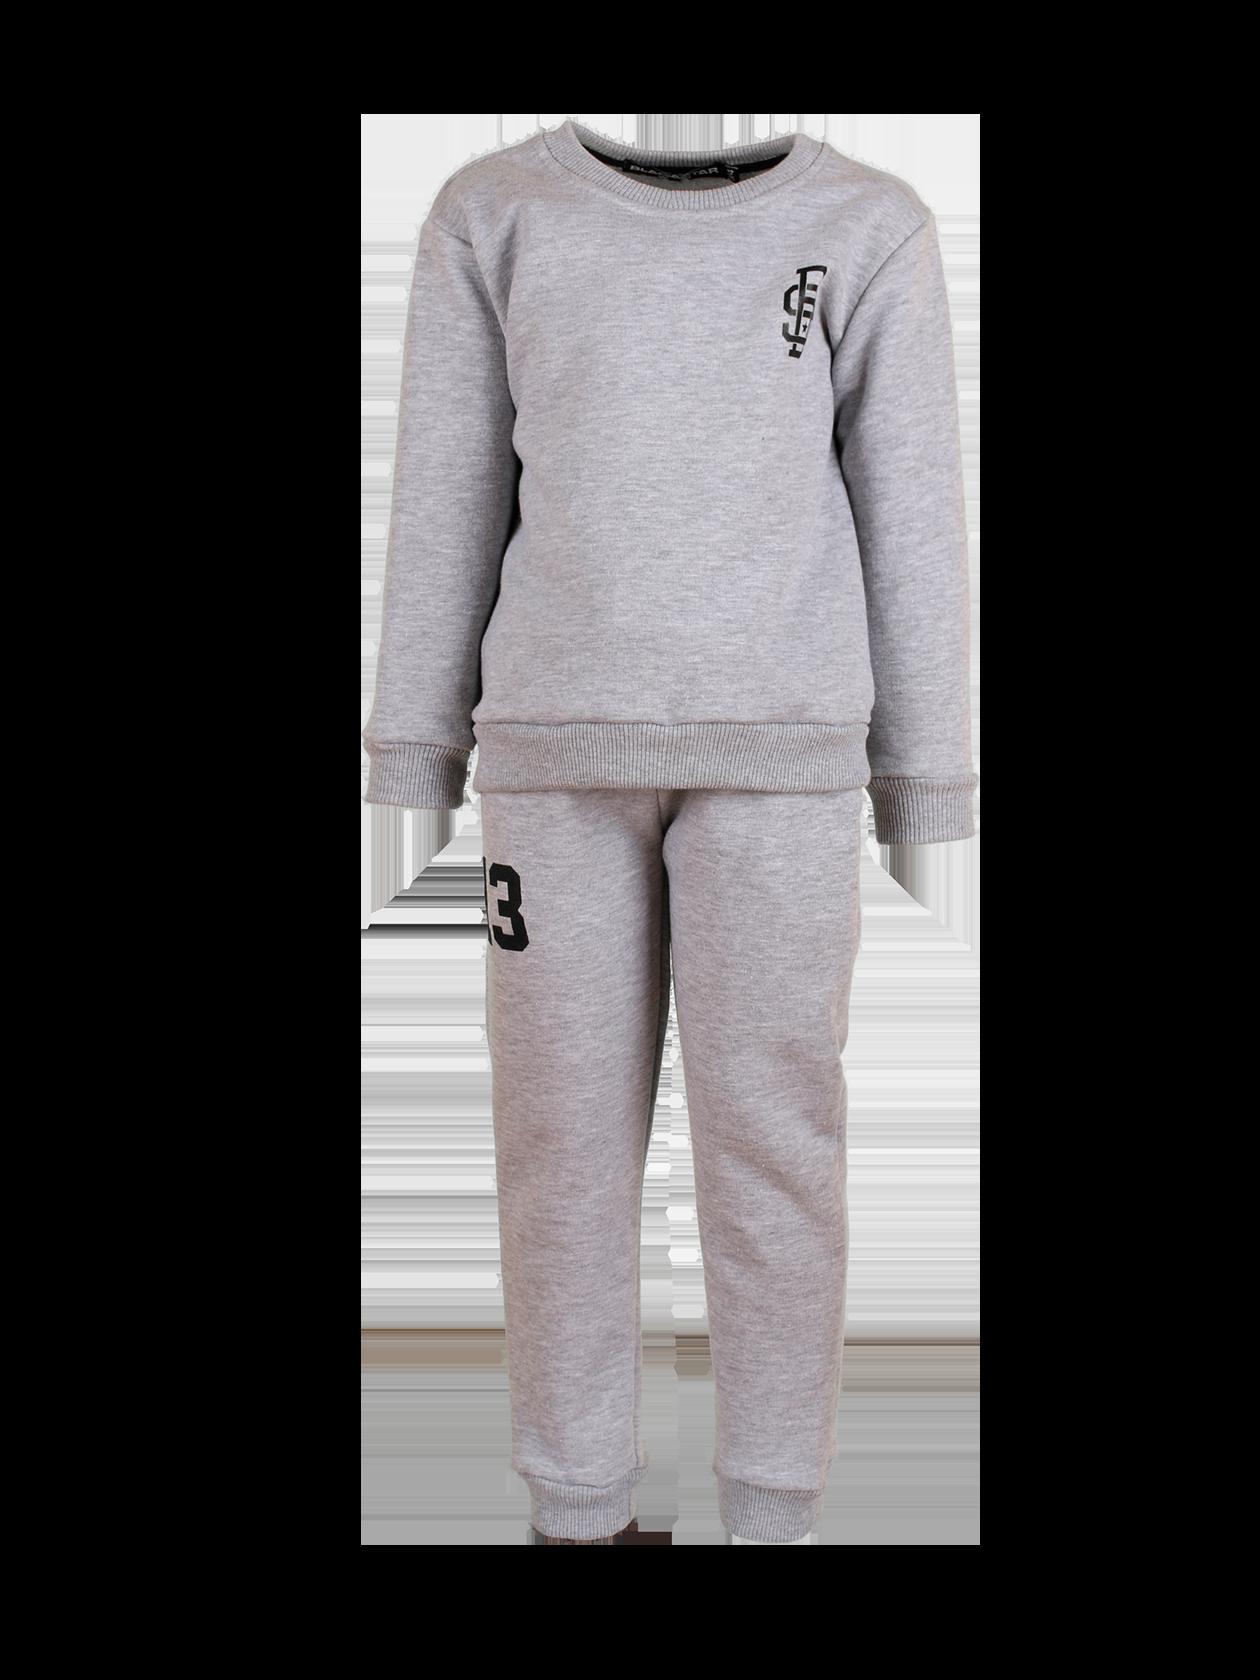 Костюм спортивный подростковый 13Стильный костюм спортивный подростковый 13 из новой линии одежды Basic – идеальное решение на каждый день. Комплект состоит из свитшота и стильных брюк. Модель лаконичного дизайна, полусвободного прямого кроя. Эластичные трикотажные вставки на манжетах и поясе верха и низа обеспечивают удобную посадку вещи по фигуре. Изделие сшито из первоклассного футера мягкой фактуры в черном цвете. На груди и правой штанине нашивки BS и цифра 13. Цена стала до 25% привлекательнее.<br><br>Размер: 15-16 years<br>Цвет: Серый меланж<br>Пол: Унисекс